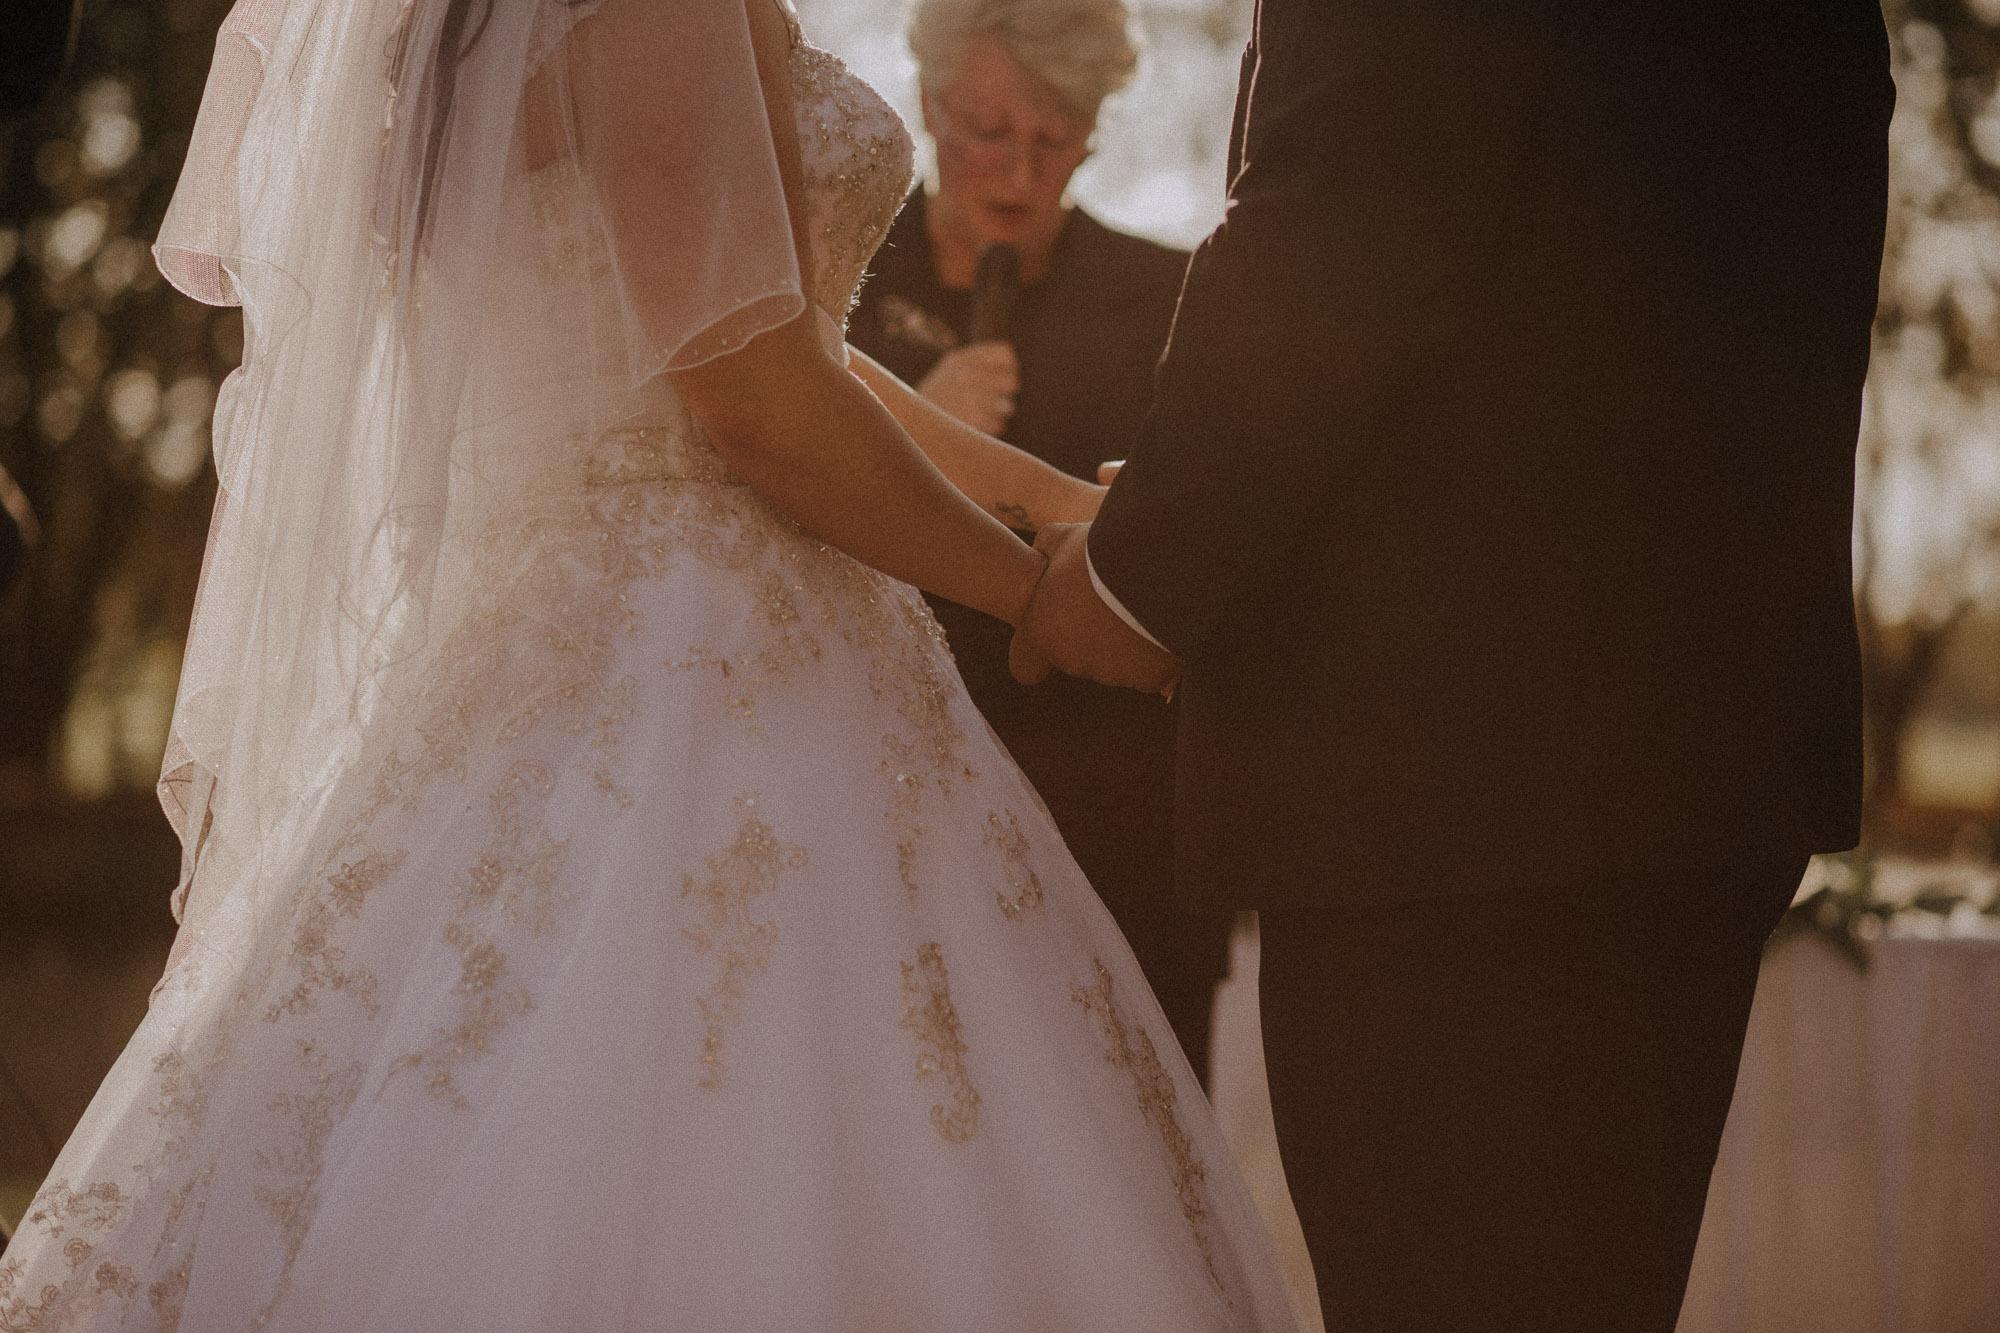 bride-groom-vowels.jpg